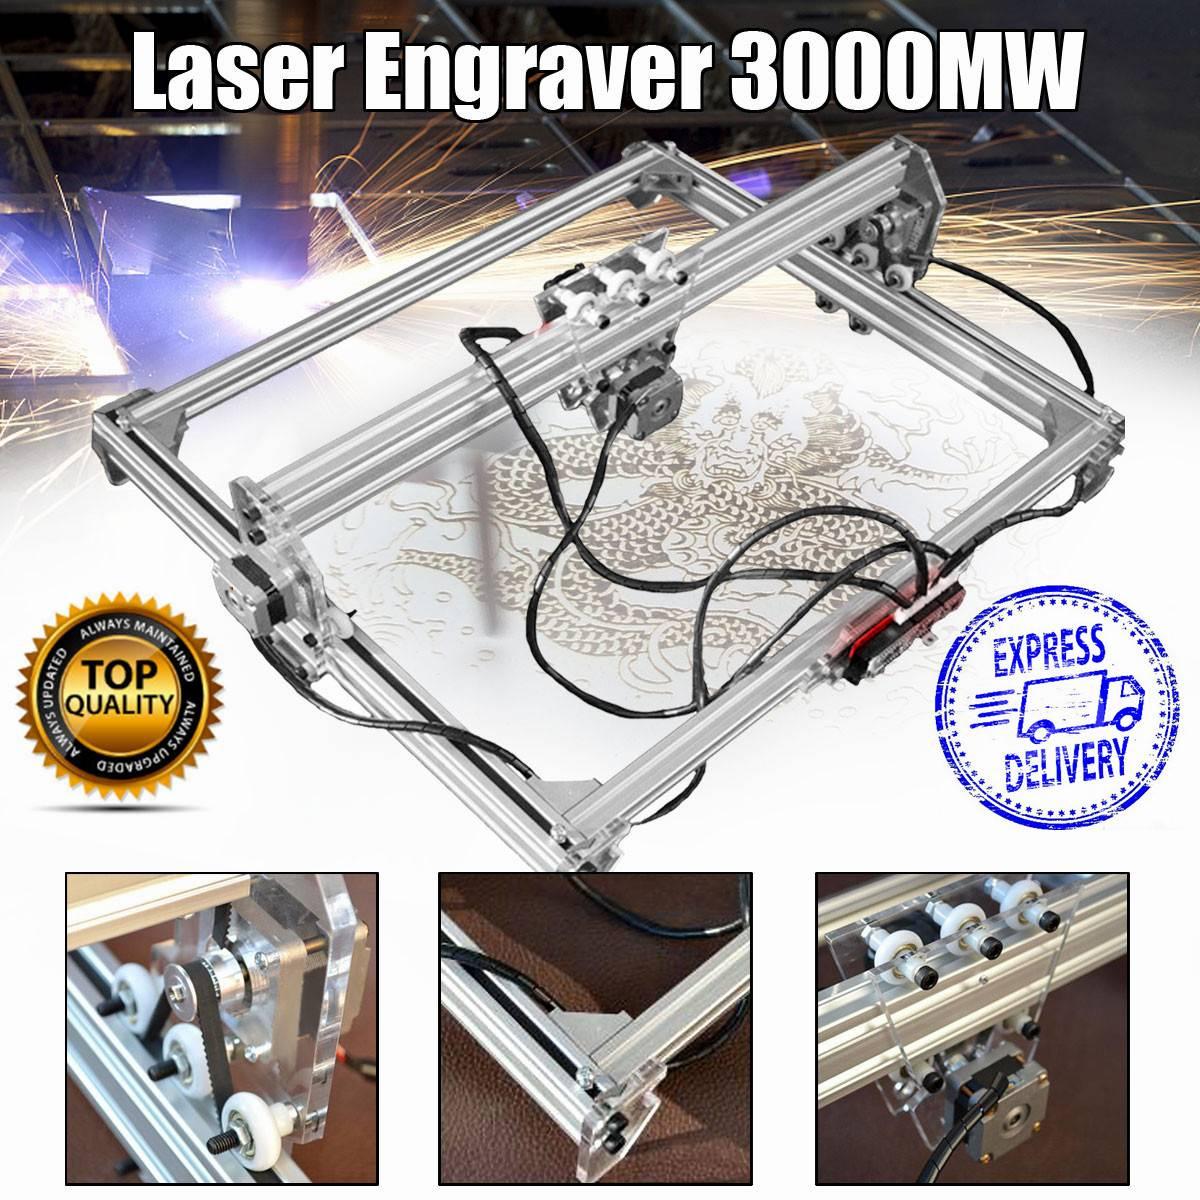 50*65 centímetros Mini 3000MW Azul Laser Engraving Gravador Máquina DC 12V DIY Desktop Cortador de Madeira/ impressora/Potência Ajustável + Laser